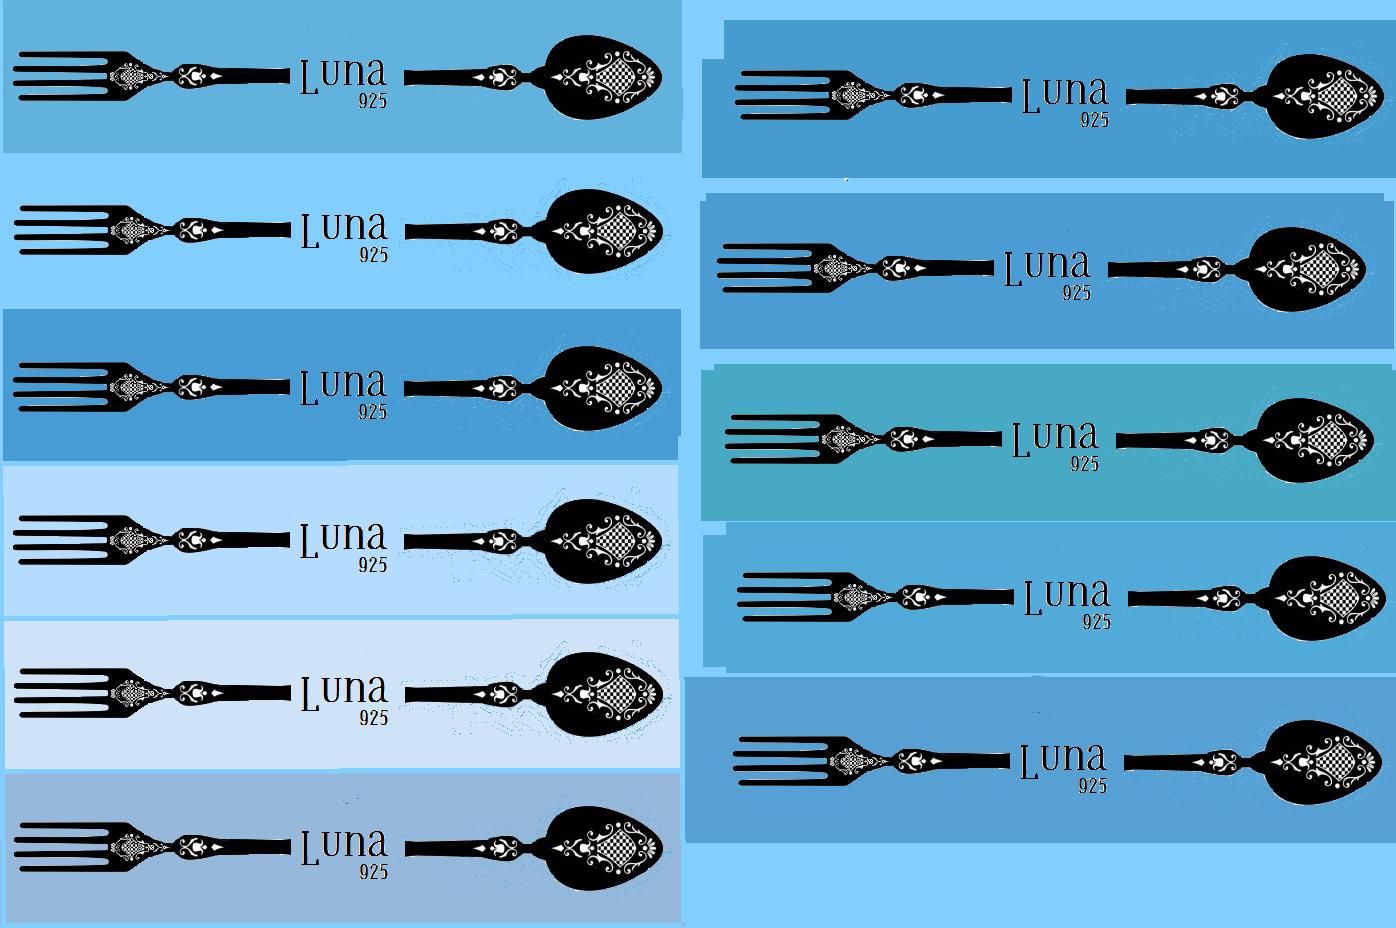 Логотип для столового серебра и посуды из серебра фото f_2145bad292e1c051.png